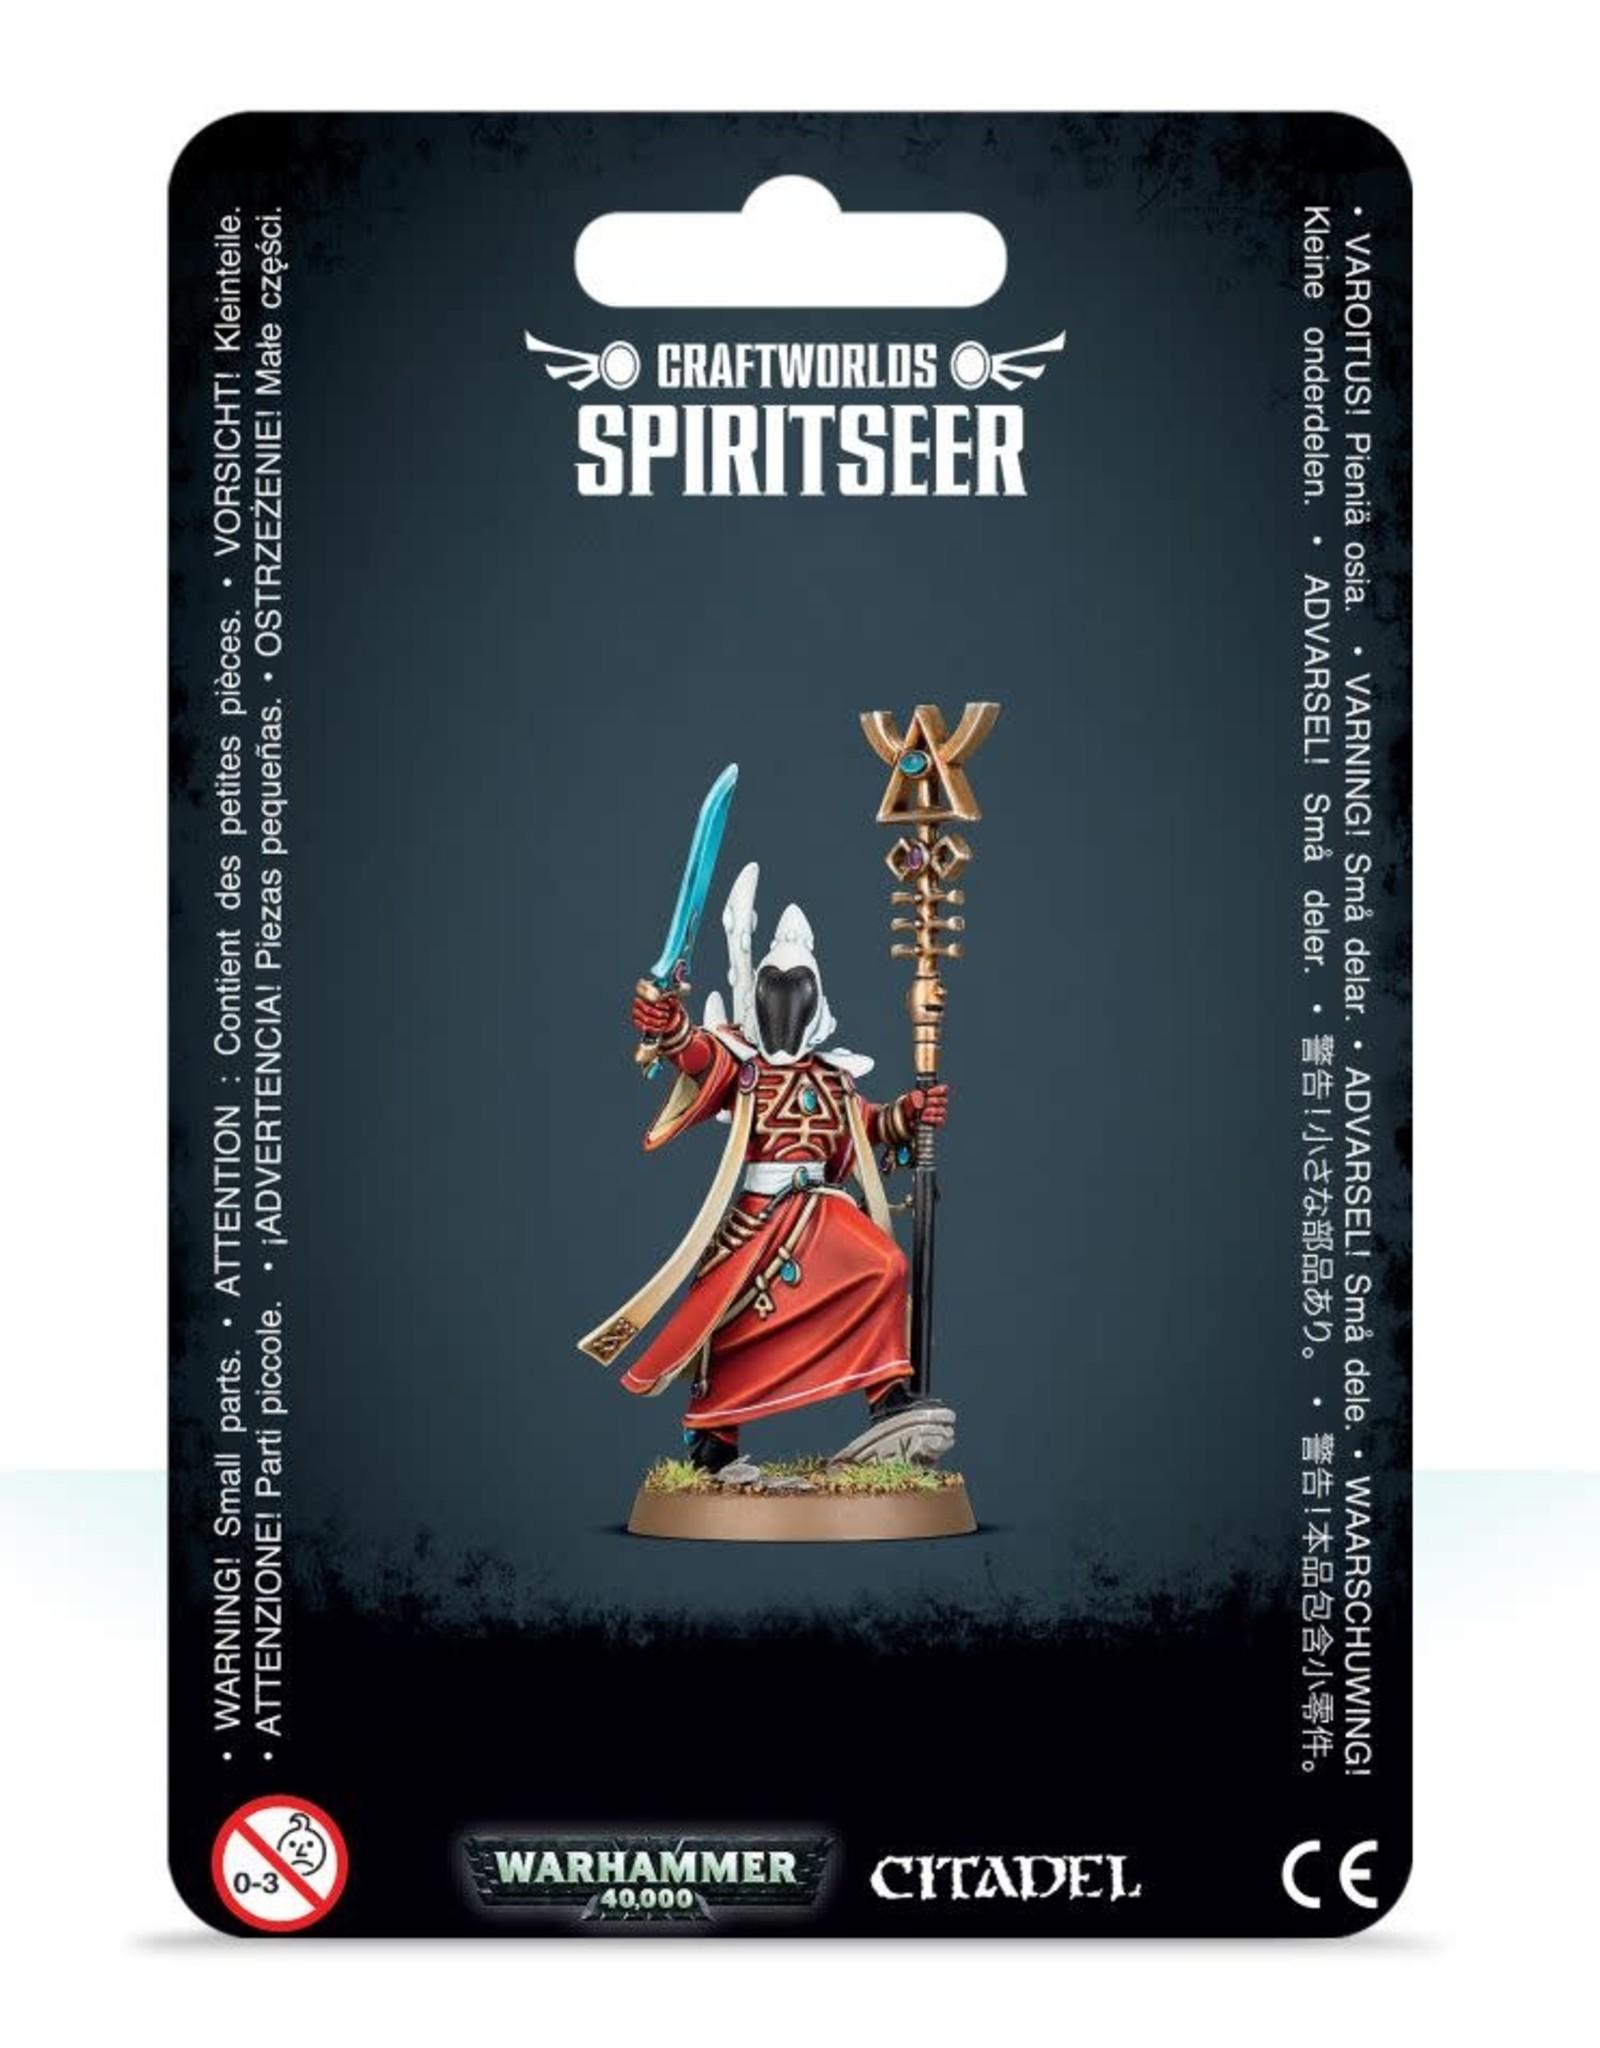 Warhammer 40K Craftworlds Spiritseer